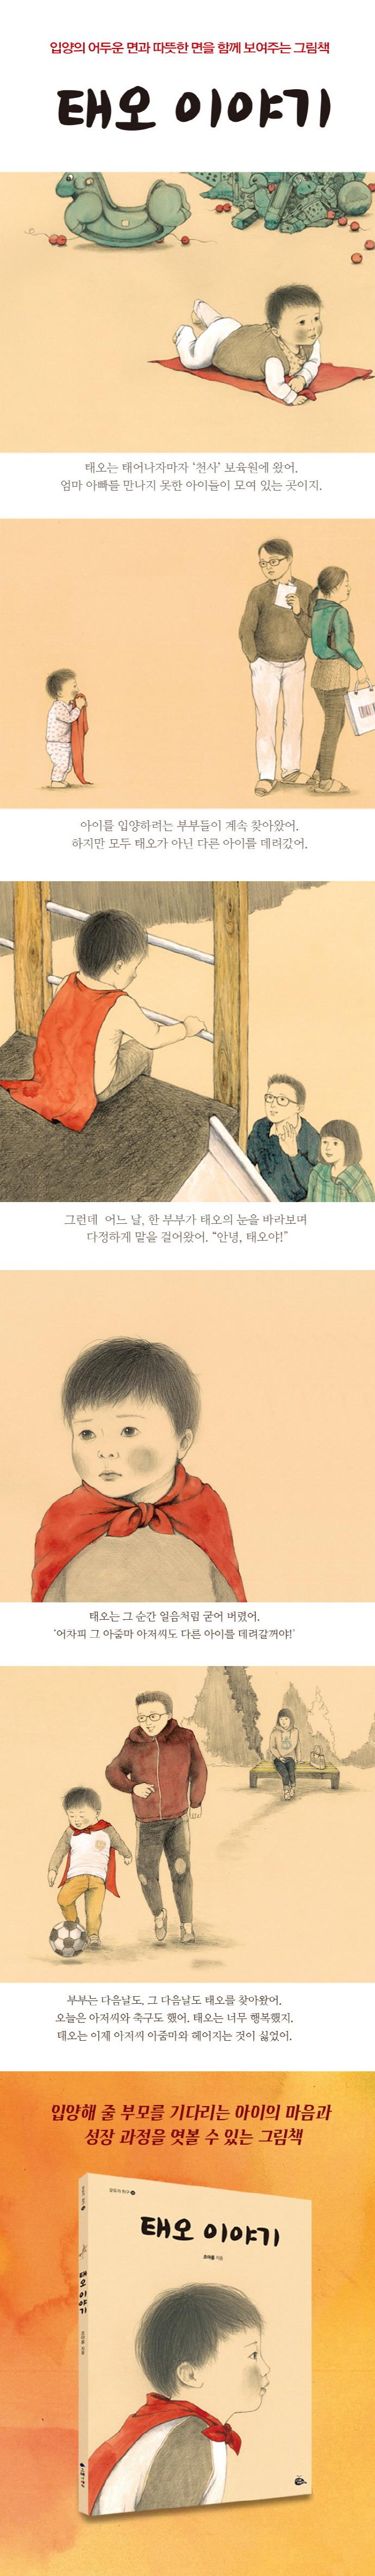 태오 이야기(모두가 친구 36)(양장본 HardCover) 도서 상세이미지